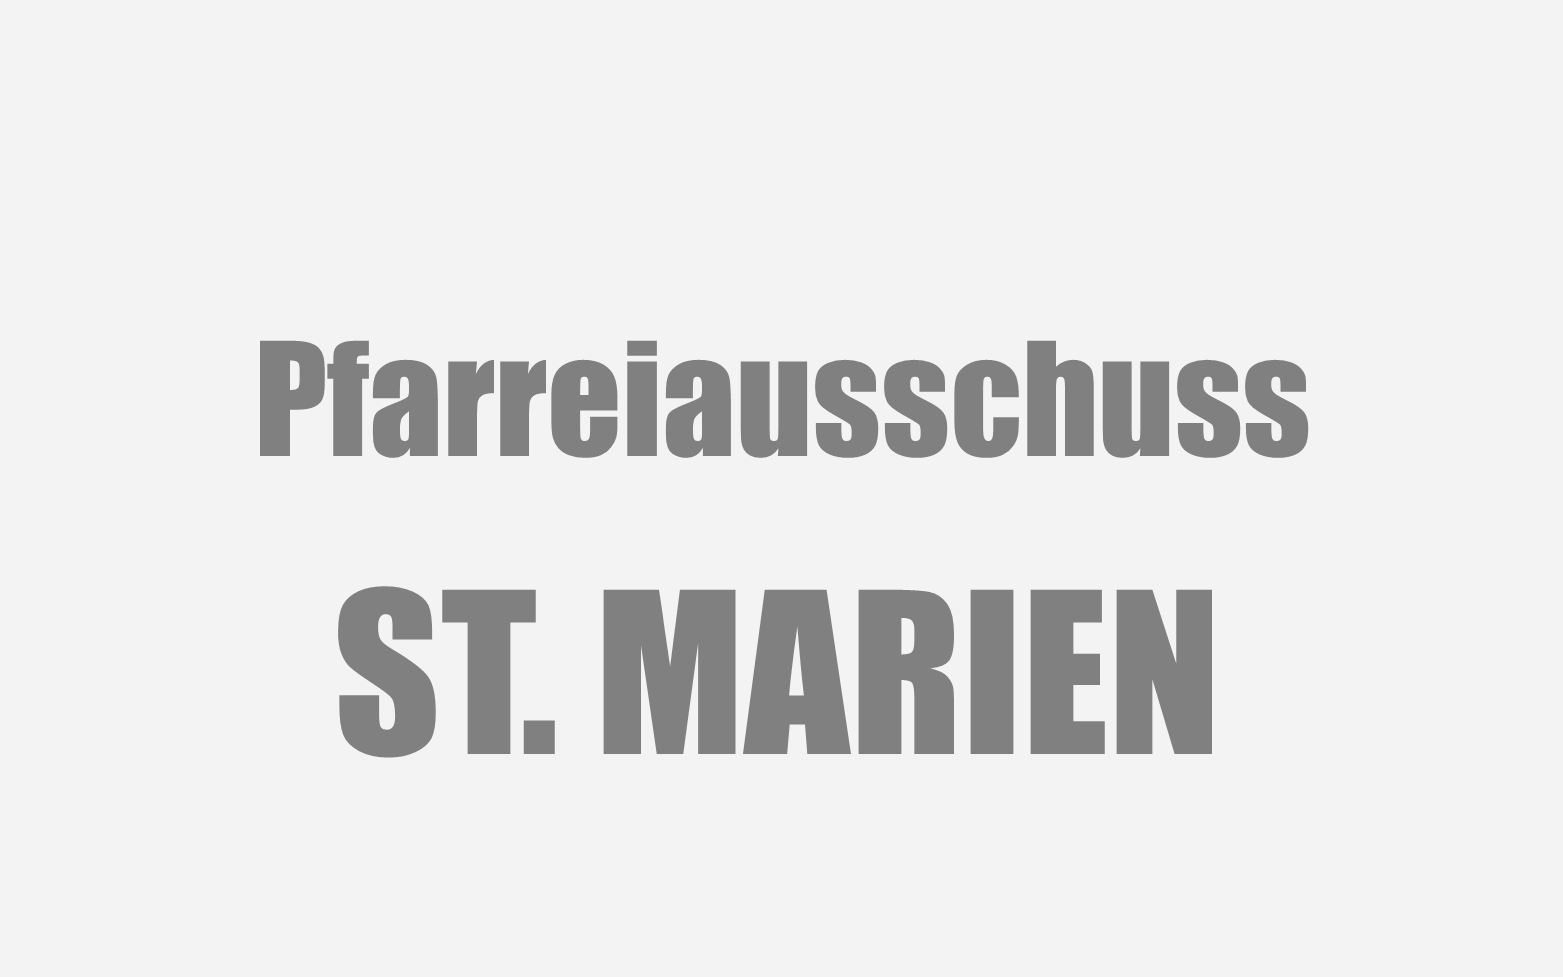 St Marien Pfarreiausschuss Symbolbild